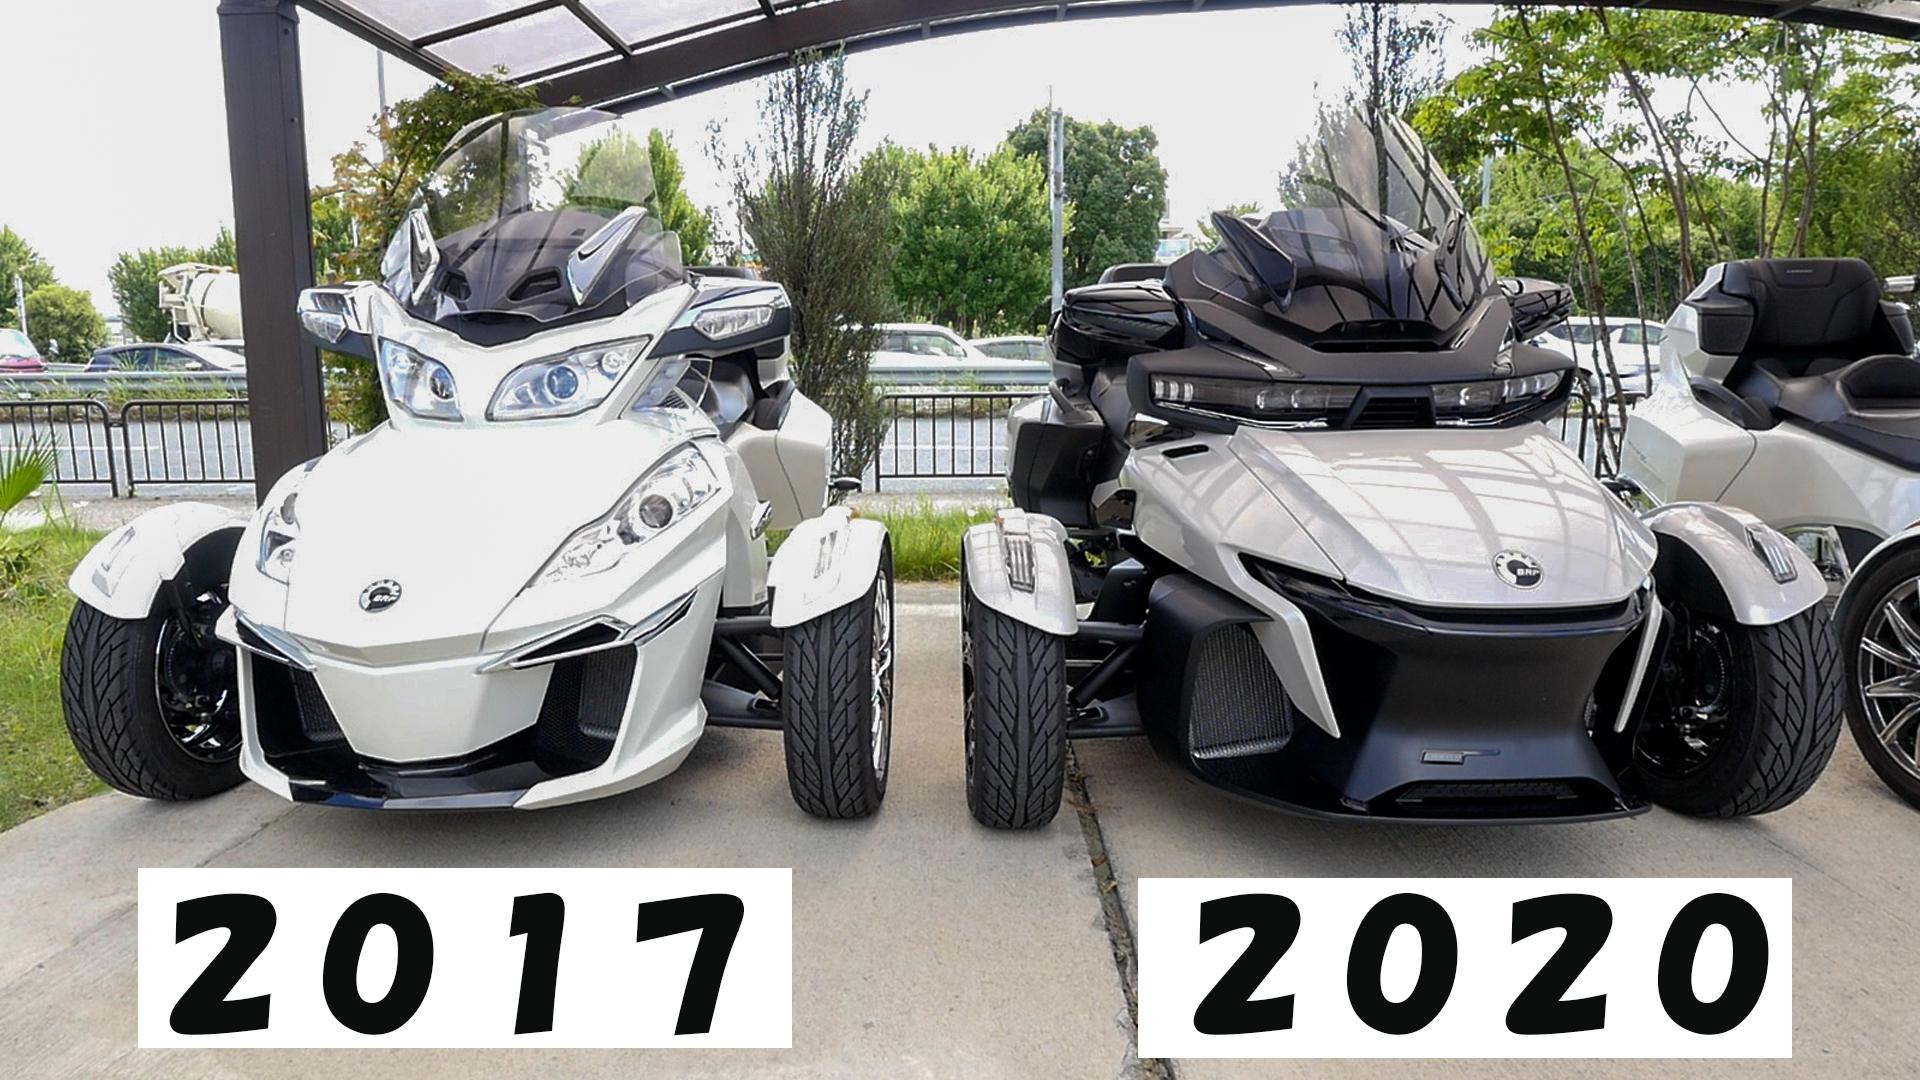 Spyder RT Limitedの2017モデルと2020モデル。2020で近未来感が増してます。スペックは大きくは変更なし。